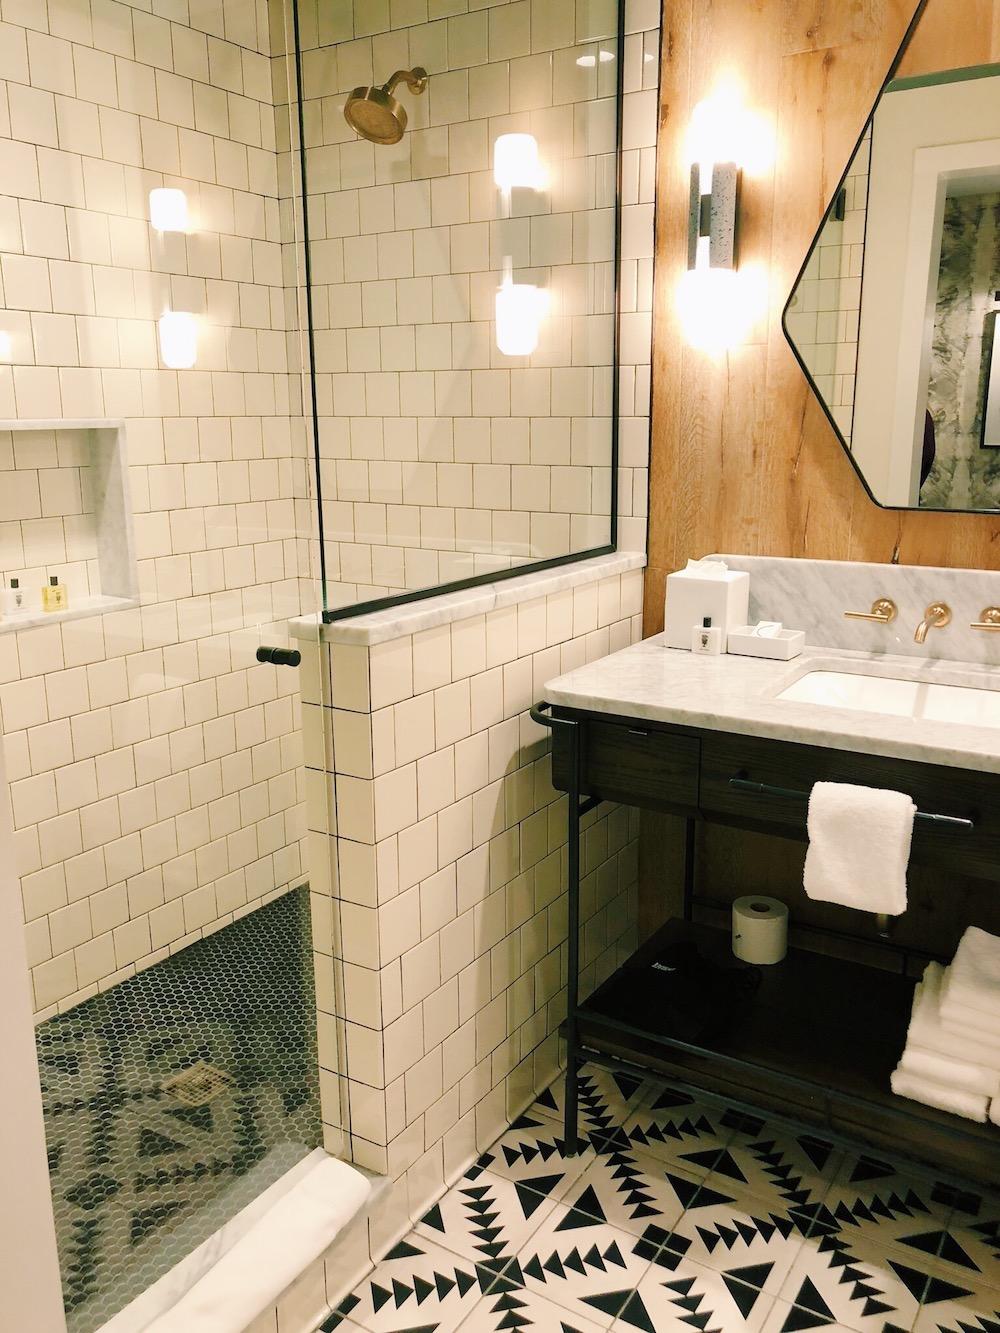 Mid-century moroccan bathroom decor